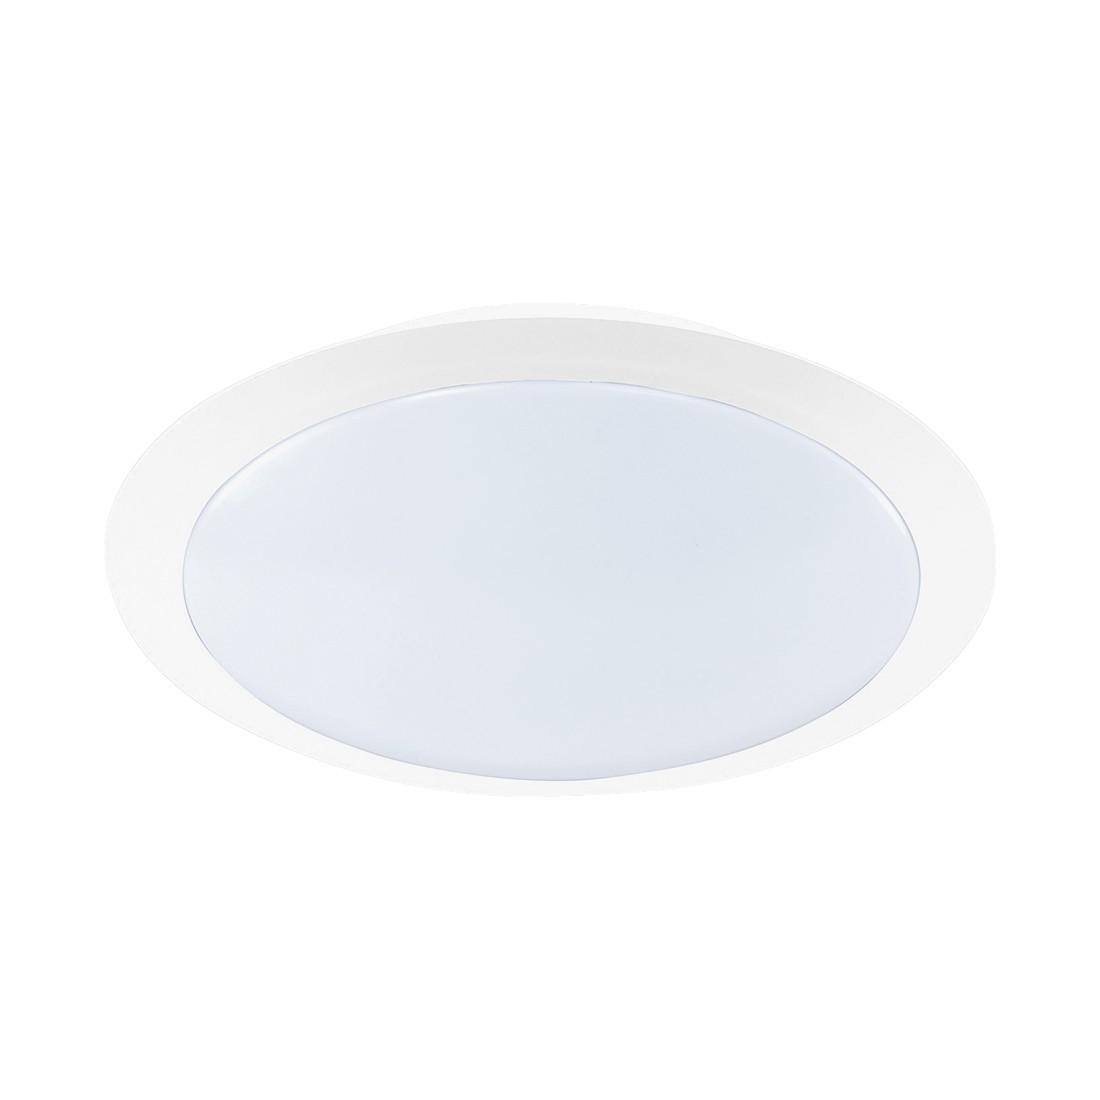 EEK A+, LED-Deckenleuchte – Weiß – 1-flammig, Trio jetzt kaufen